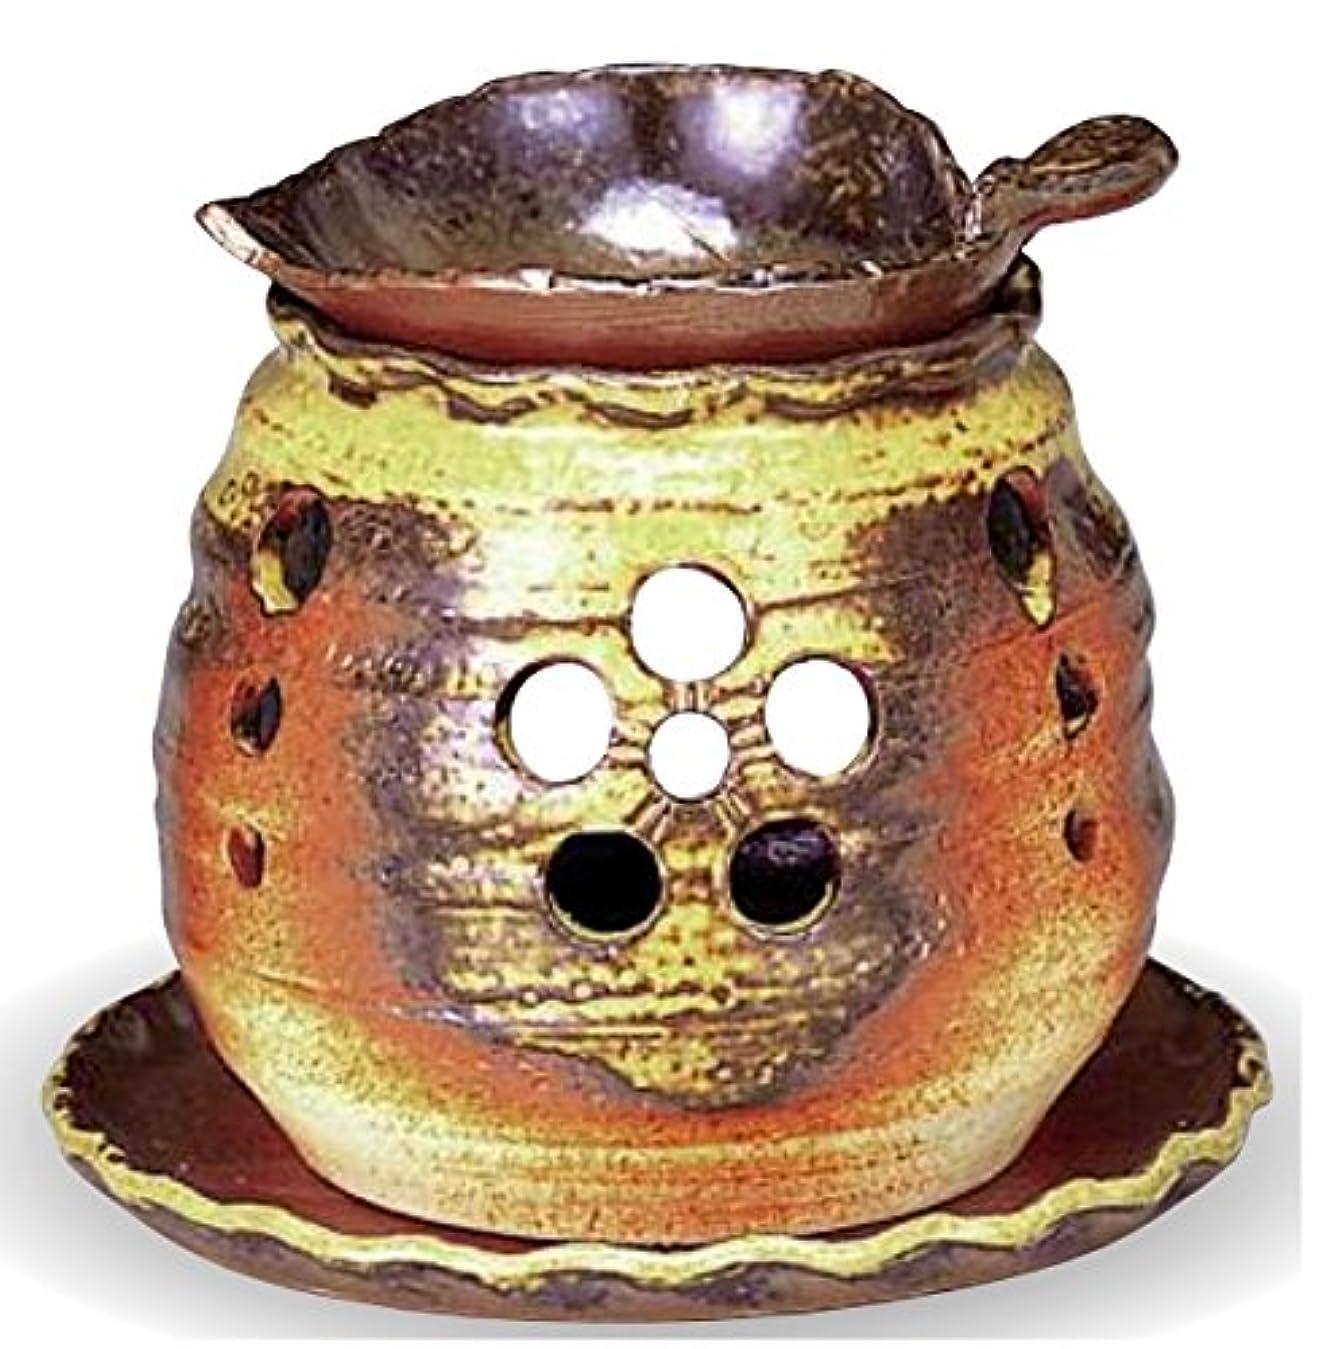 呼吸兄弟愛良さ常滑焼 茶香炉(アロマポット)木ノ葉皿 径10×高さ10.5cm